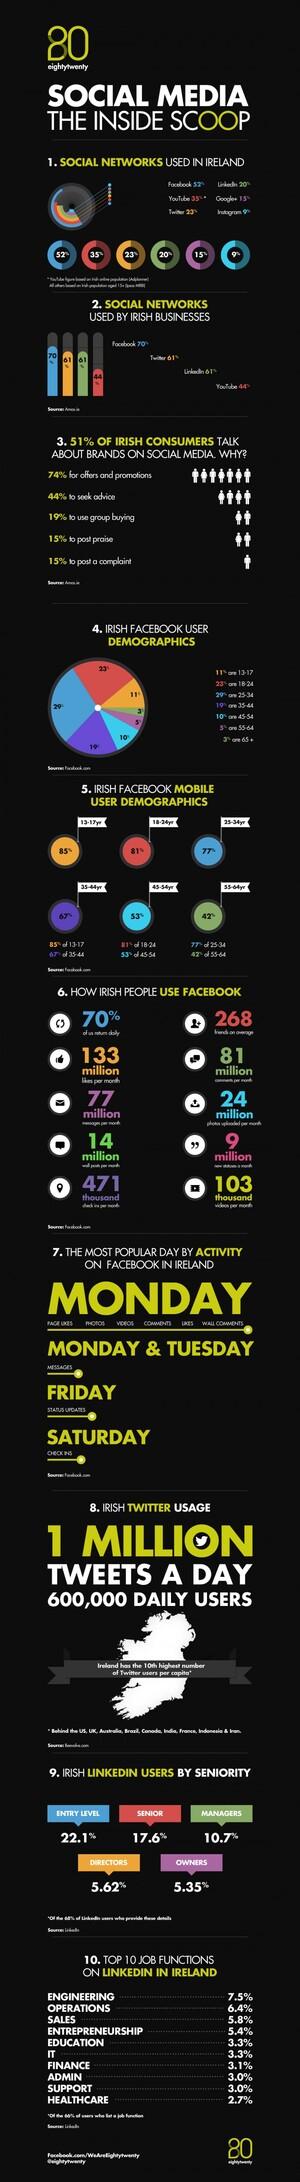 social_media_ireland_infographic_v2